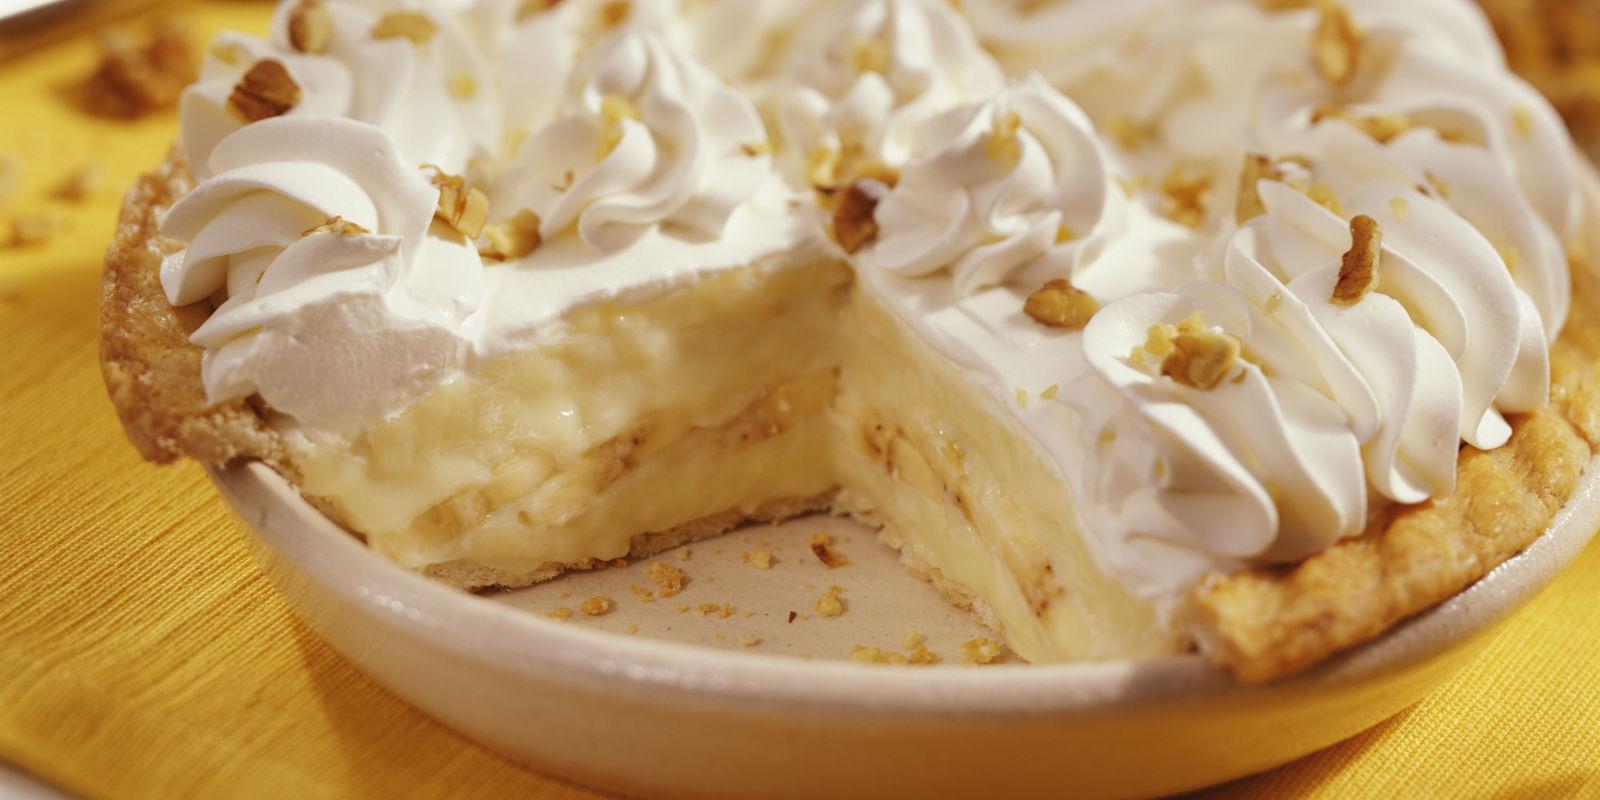 Cream Pie Recipes – Best Cream Pies